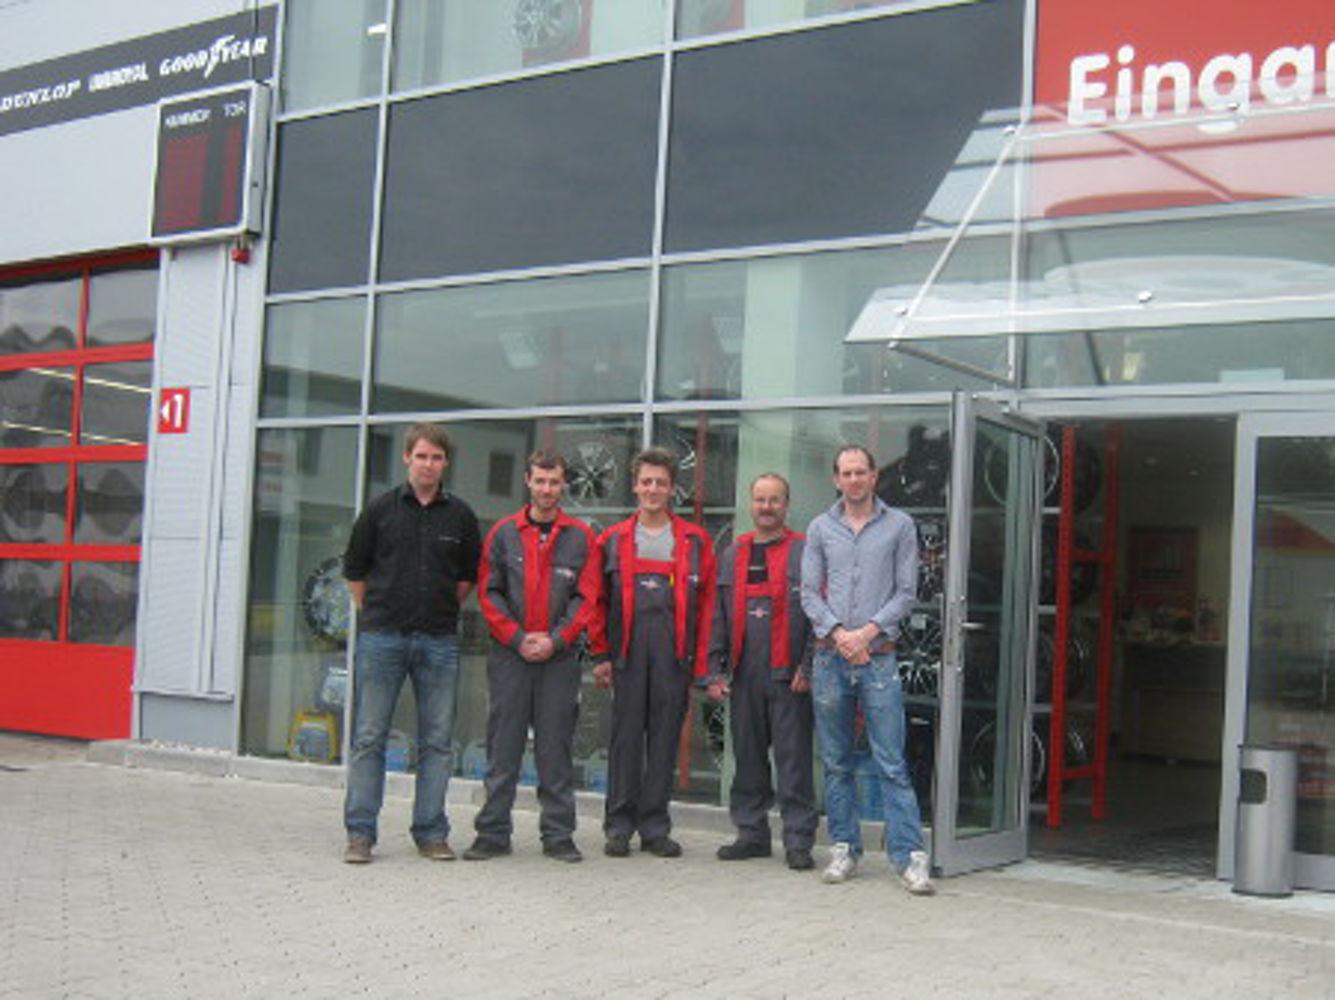 Unser reifen.com-Team in Mülheim an der Ruhr